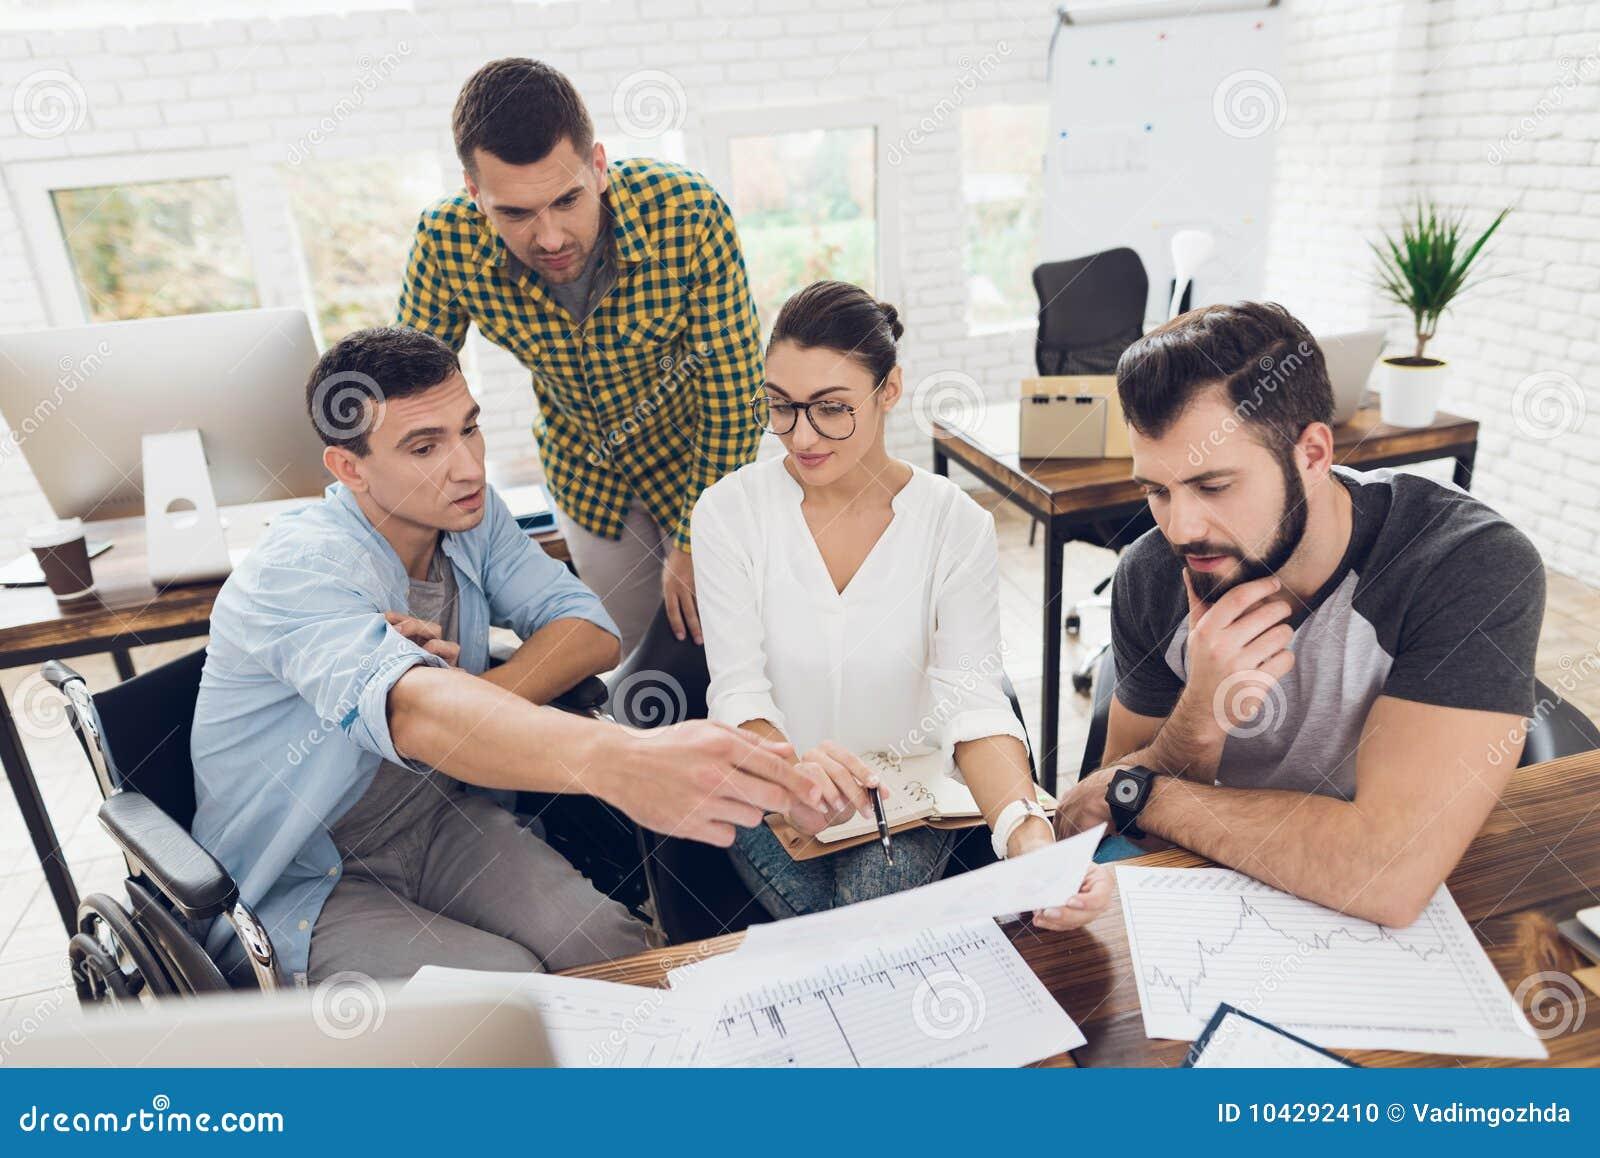 办公室工作者和一个人轮椅的谈论工作事态 他们在一个明亮的办公室运作